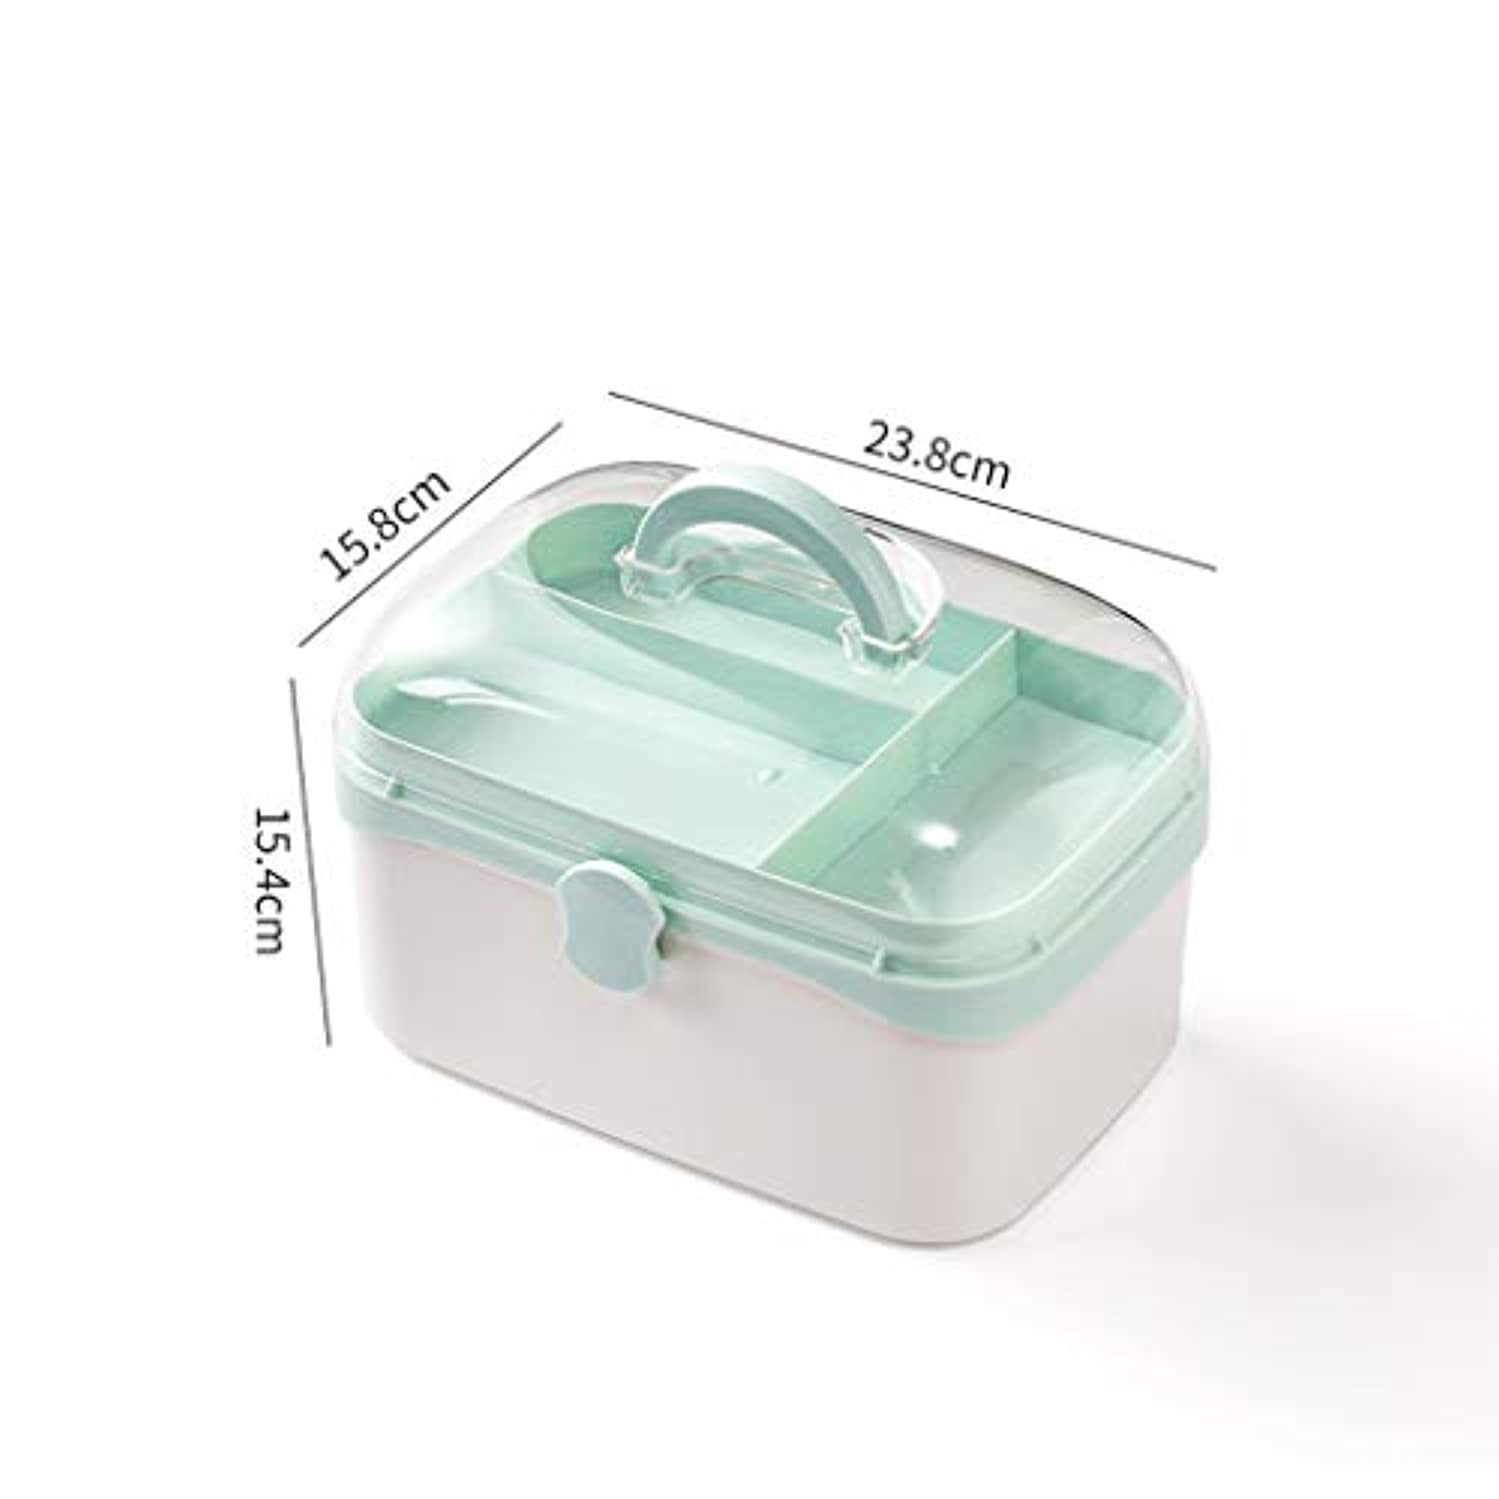 非難ログビヨン家庭用薬箱多層家庭用薬箱薬箱学生薬収納ボックス LIUXIN (Color : Blue, Size : 23.8cm×15.8cm×15.4cm)